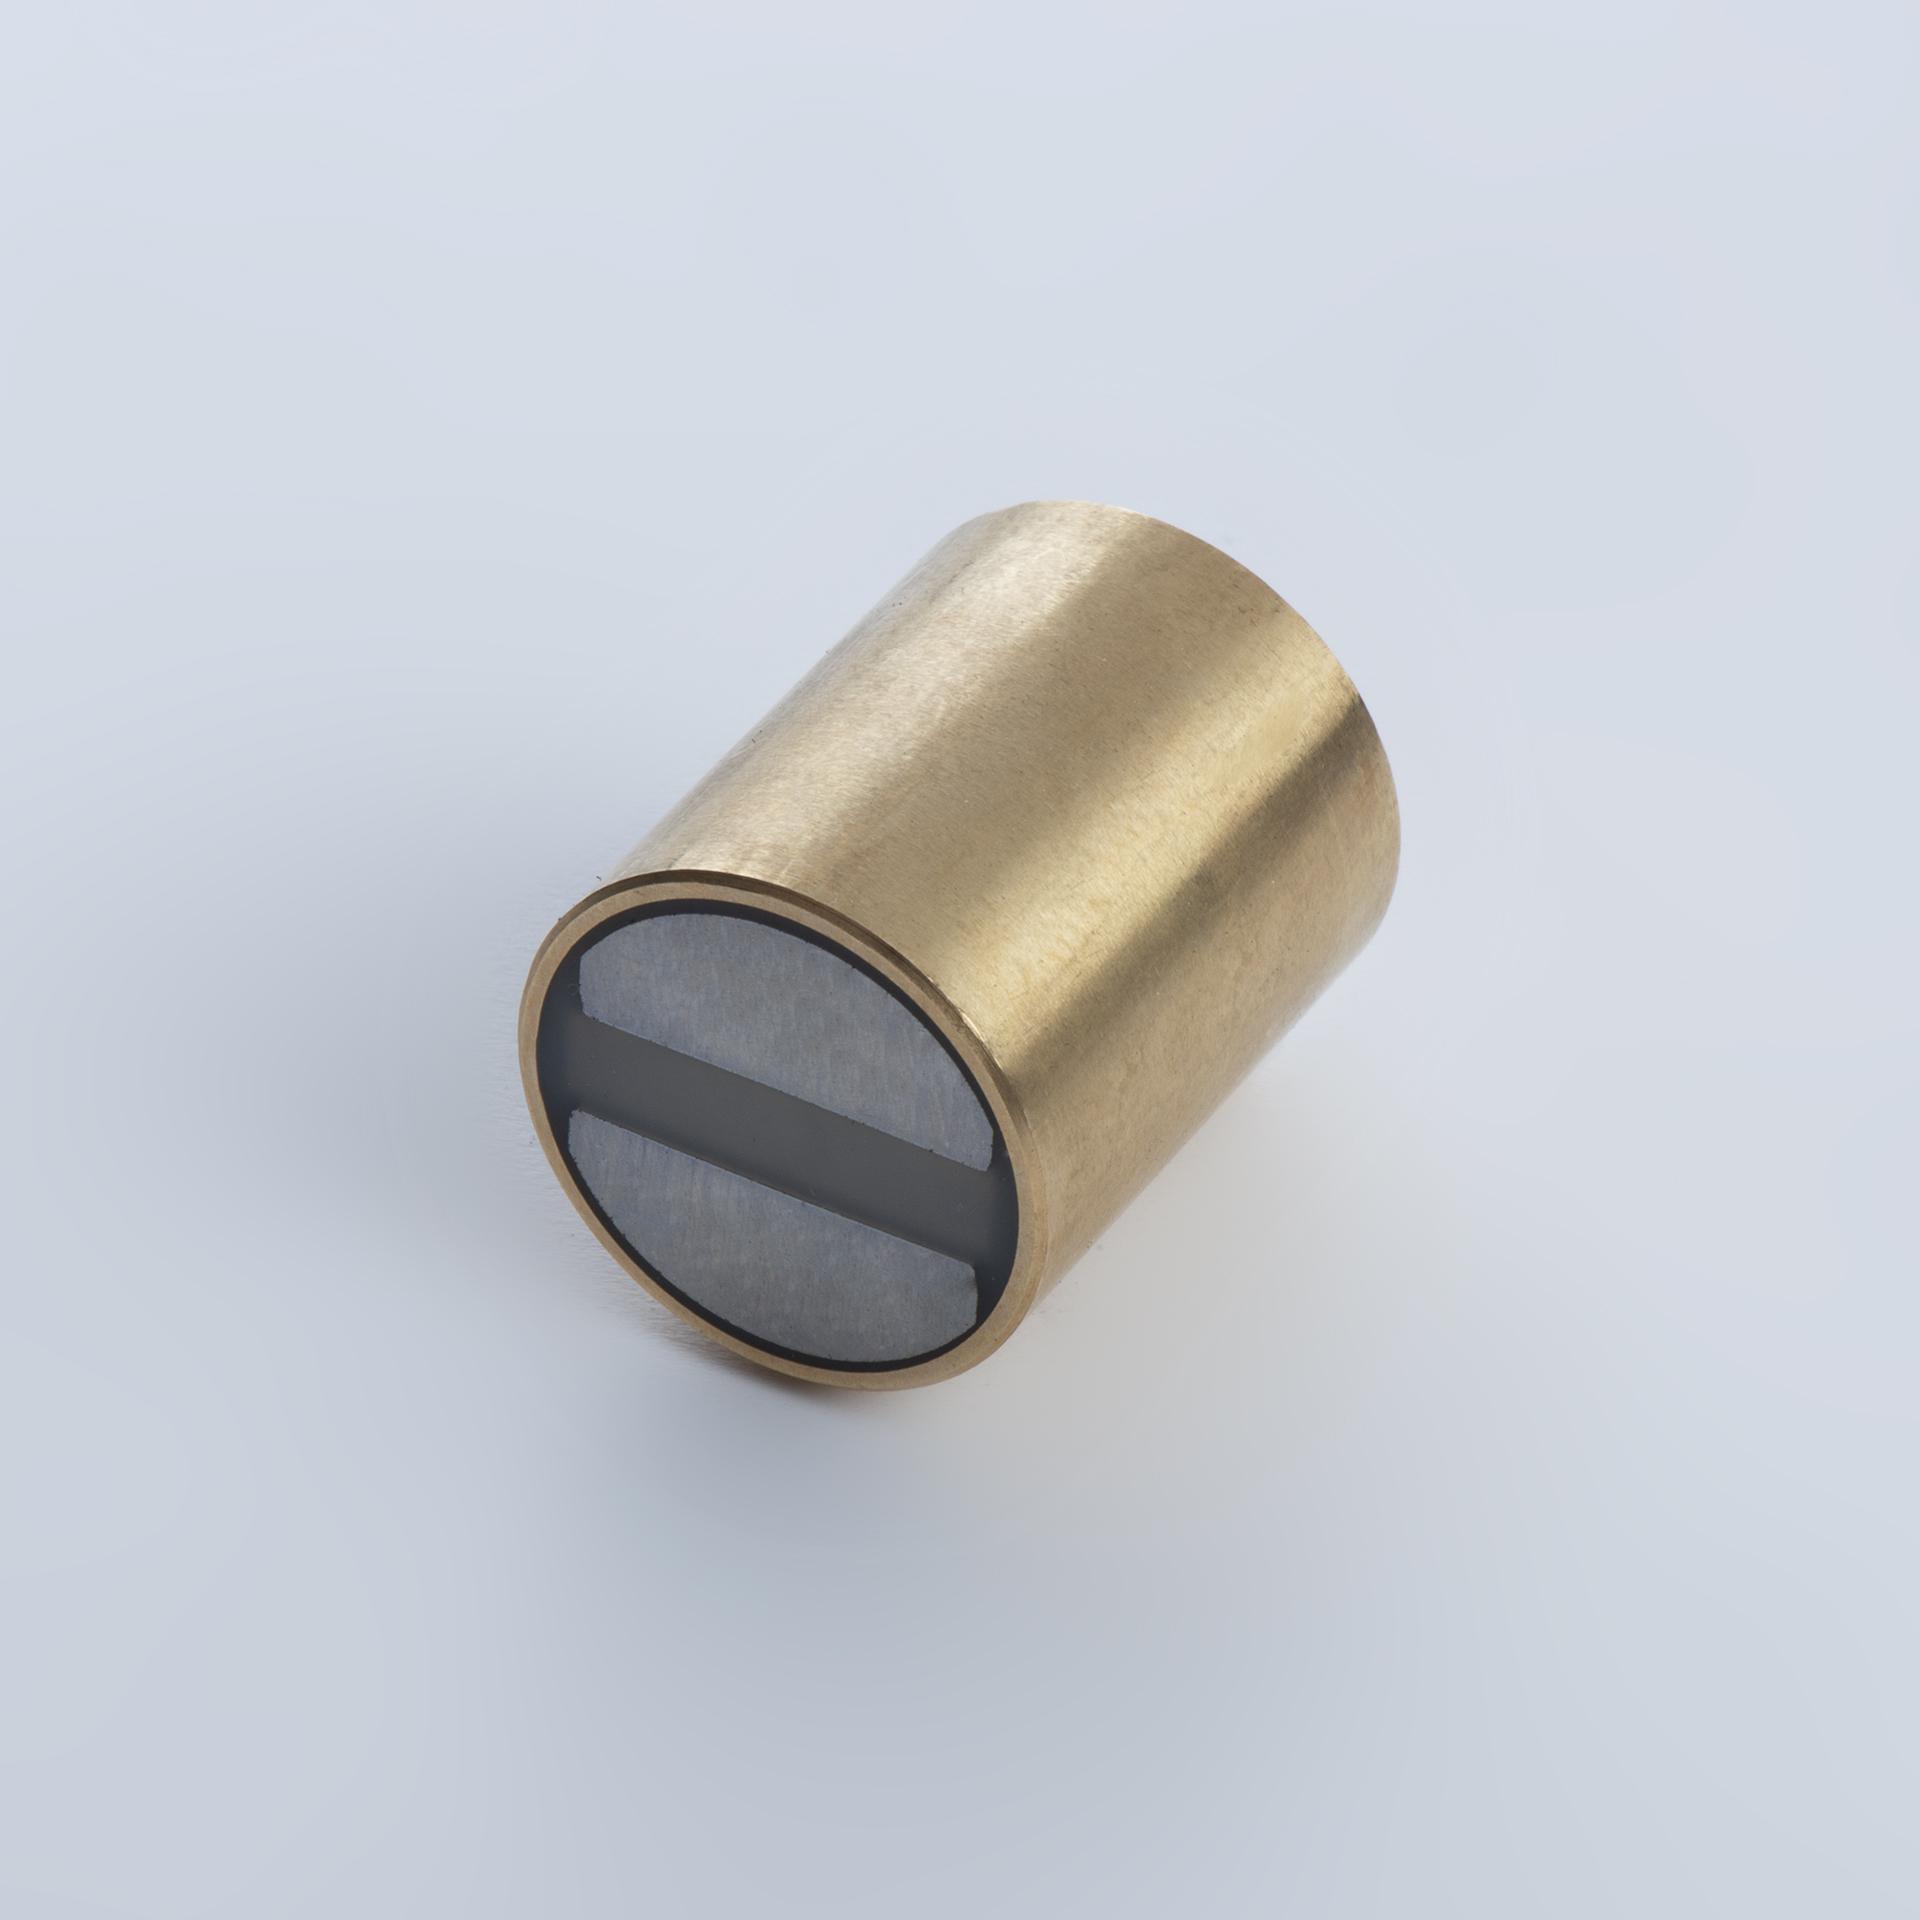 Stabgreifer aus SmCo, Messinggehäuse mit Passungstoleranz h6, thyssenkrupp Magnettechnik